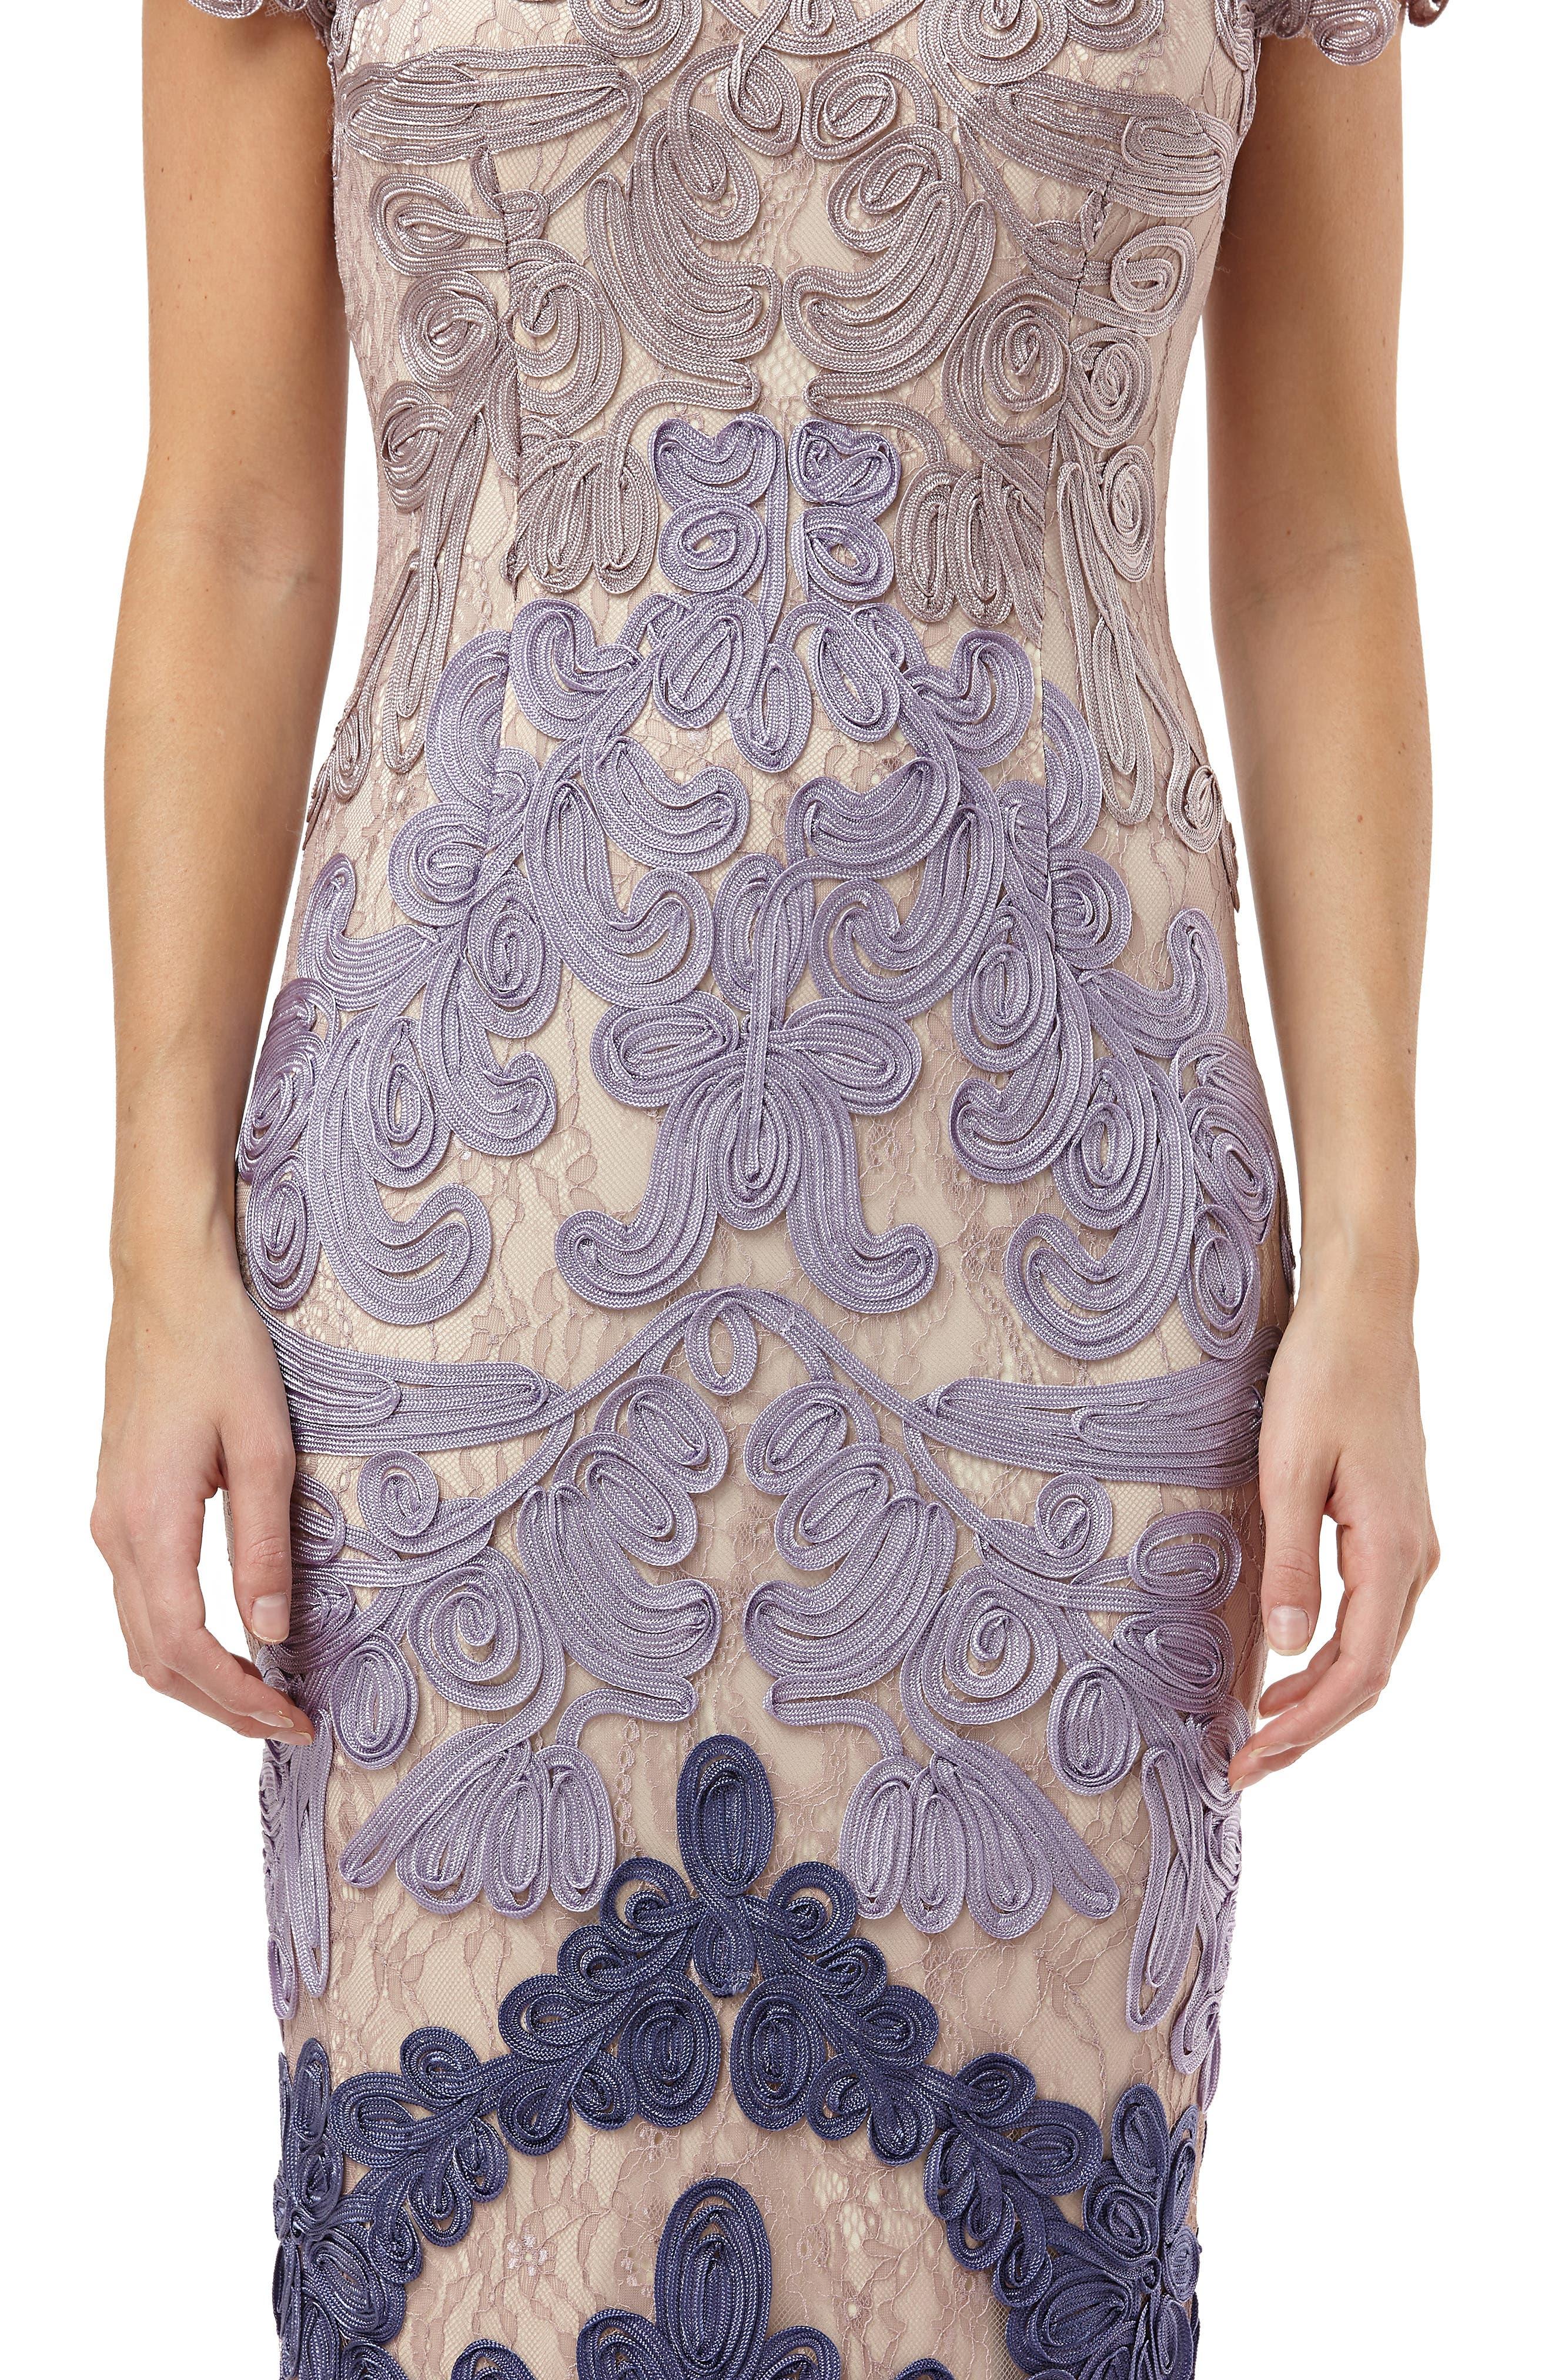 JS COLLECTIONS, Soutache Lace Midi Dress, Alternate thumbnail 3, color, TAUPE/ PLUM